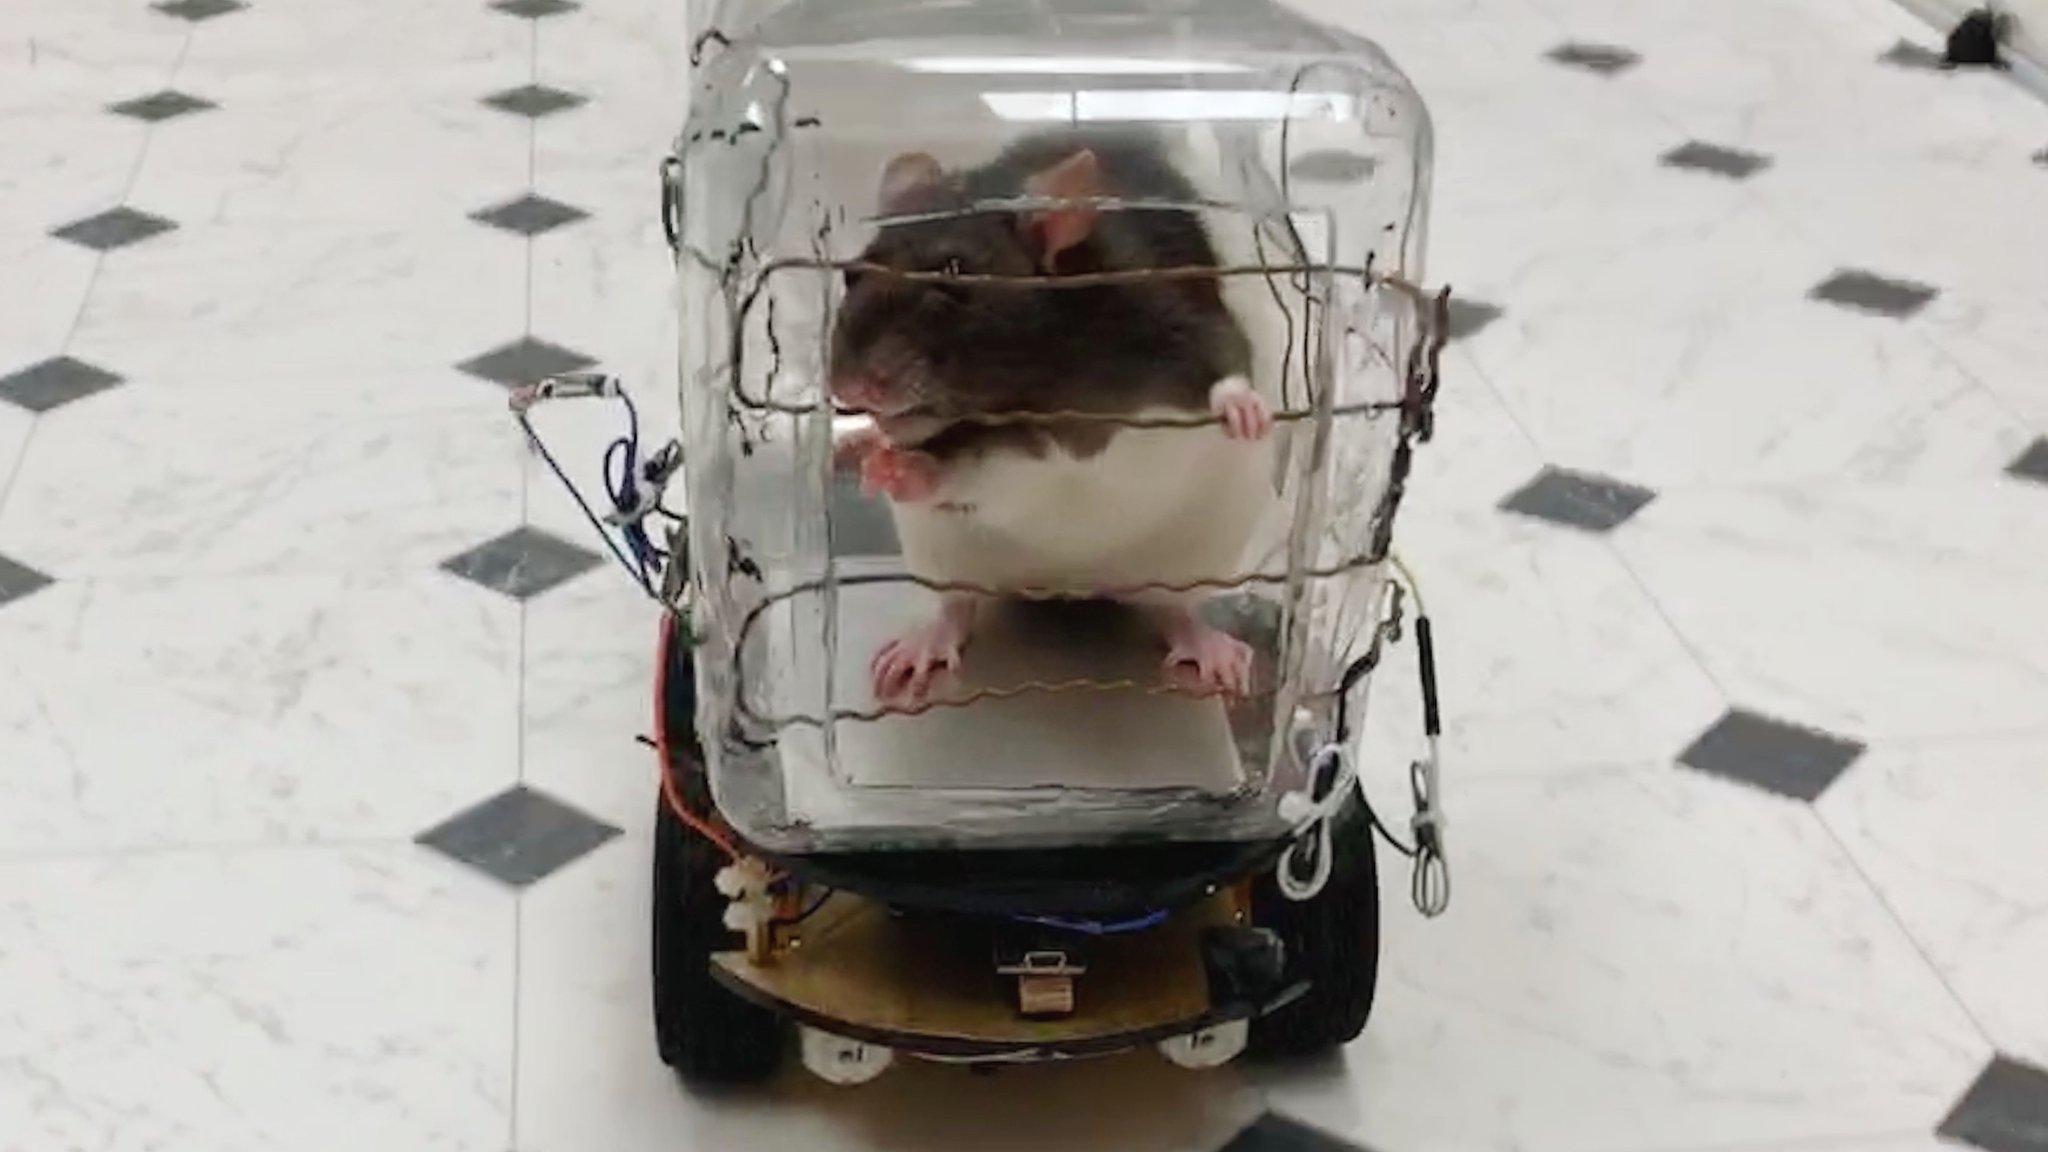 Пацюків навчили керувати авто, щоб зняти стрес. І їм це сподобалось